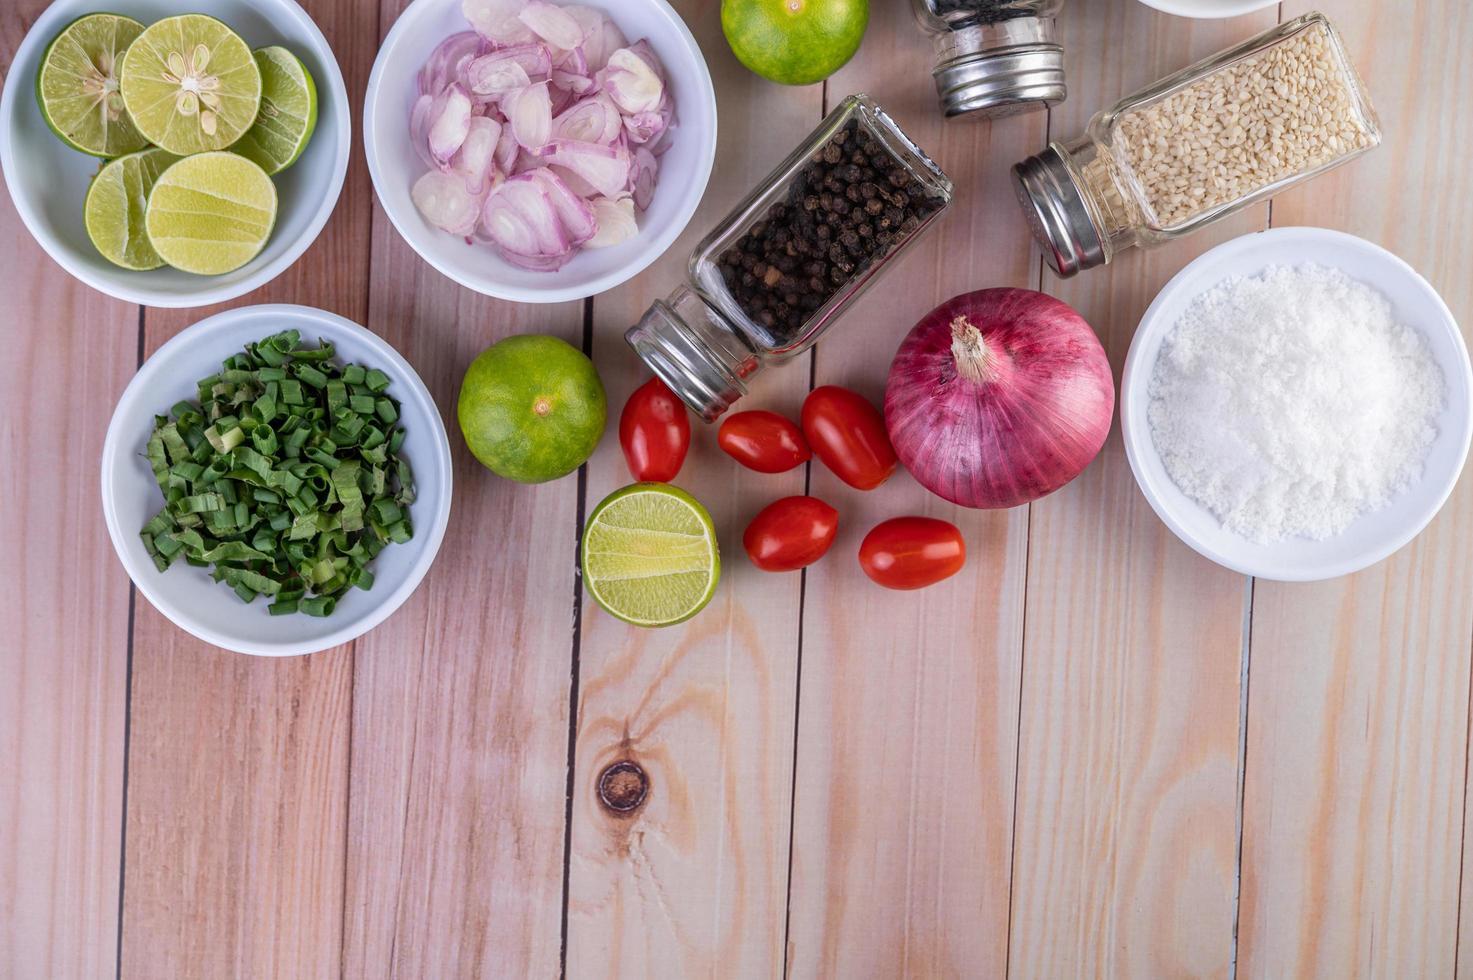 grönsaker och kryddor på träbord med kopieringsutrymme foto